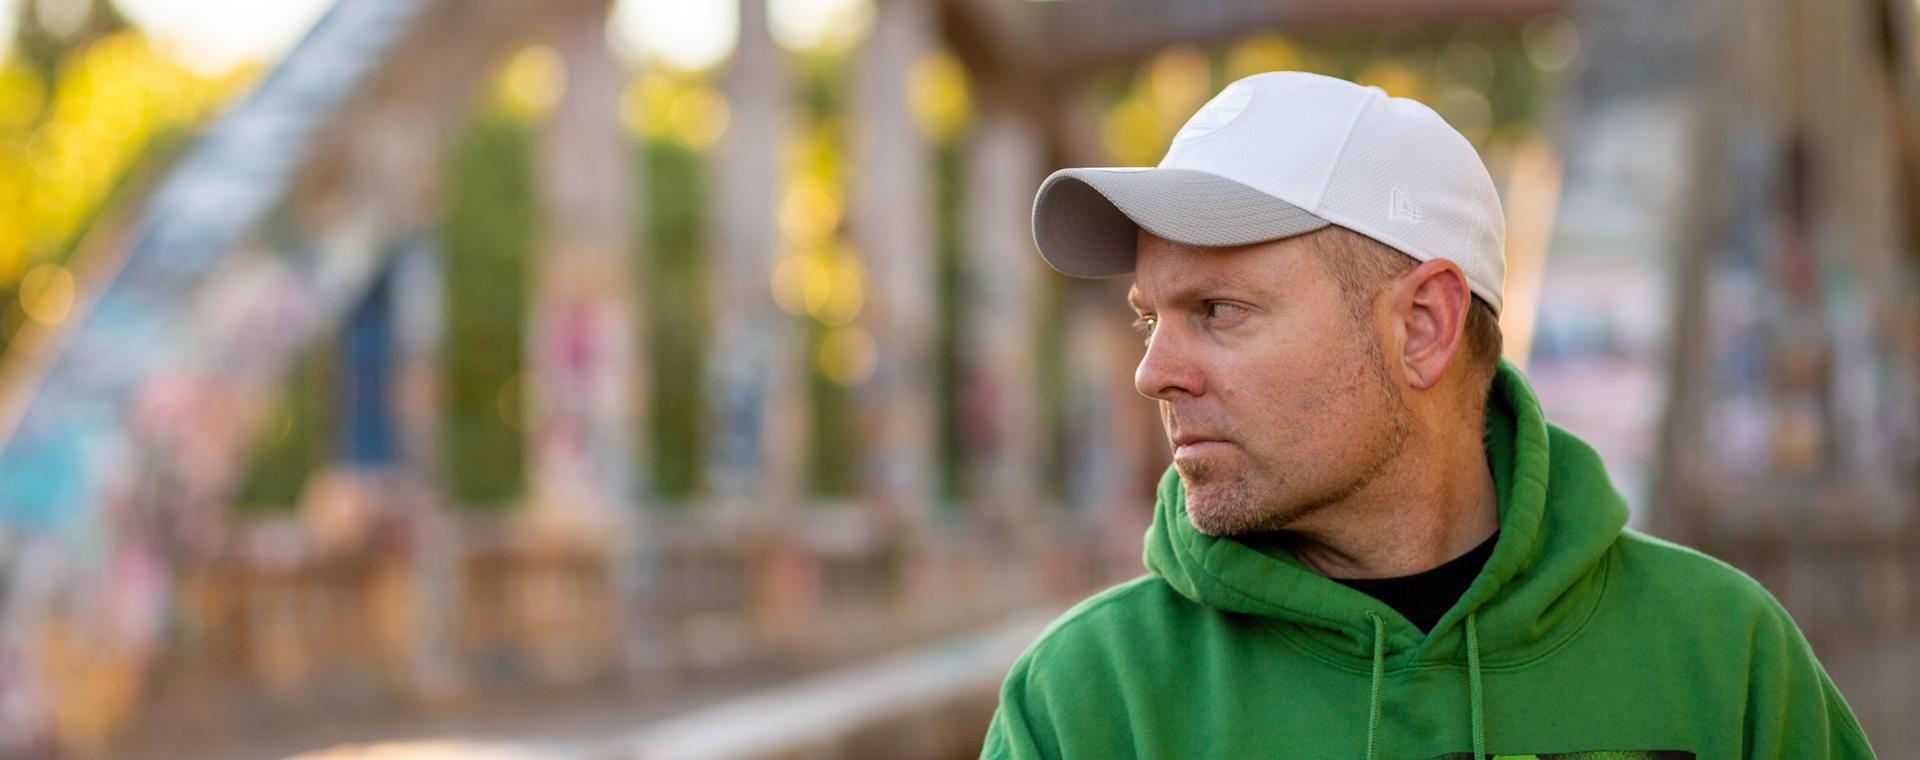 LATEST ISSUE <br><b>DJ Shadow</b></br>